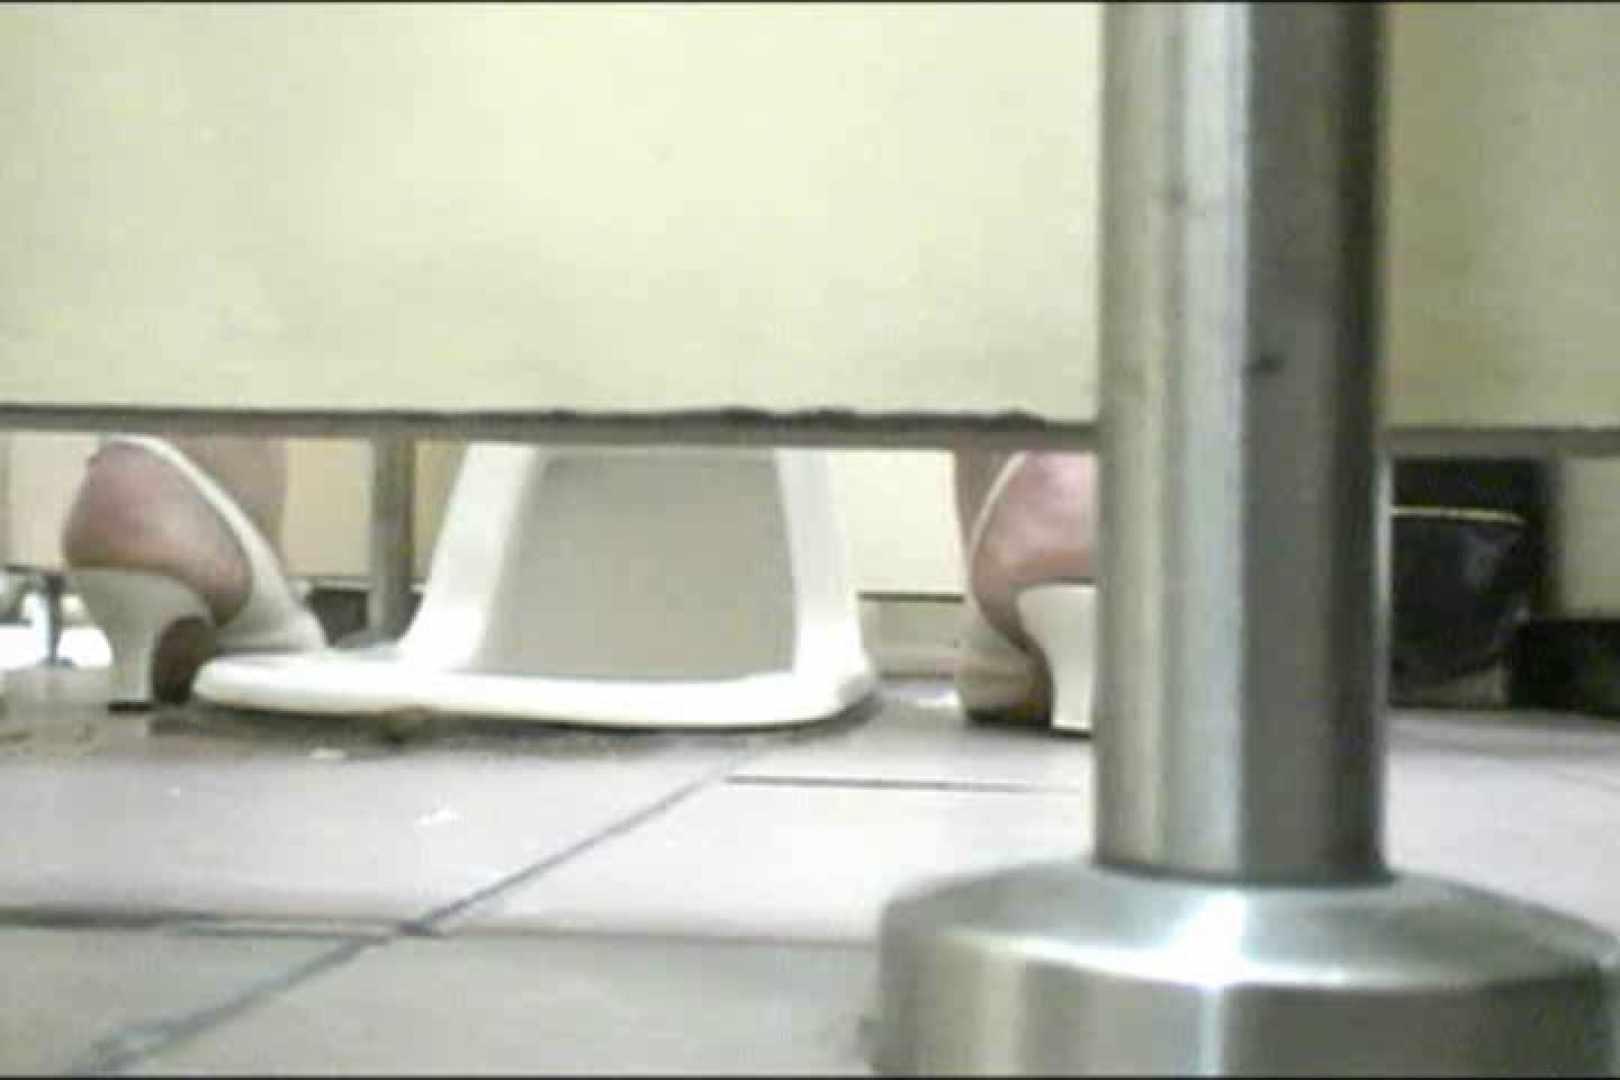 マンコ丸見え女子洗面所Vol.17 OLエロ画像 盗み撮り動画キャプチャ 74PICs 72